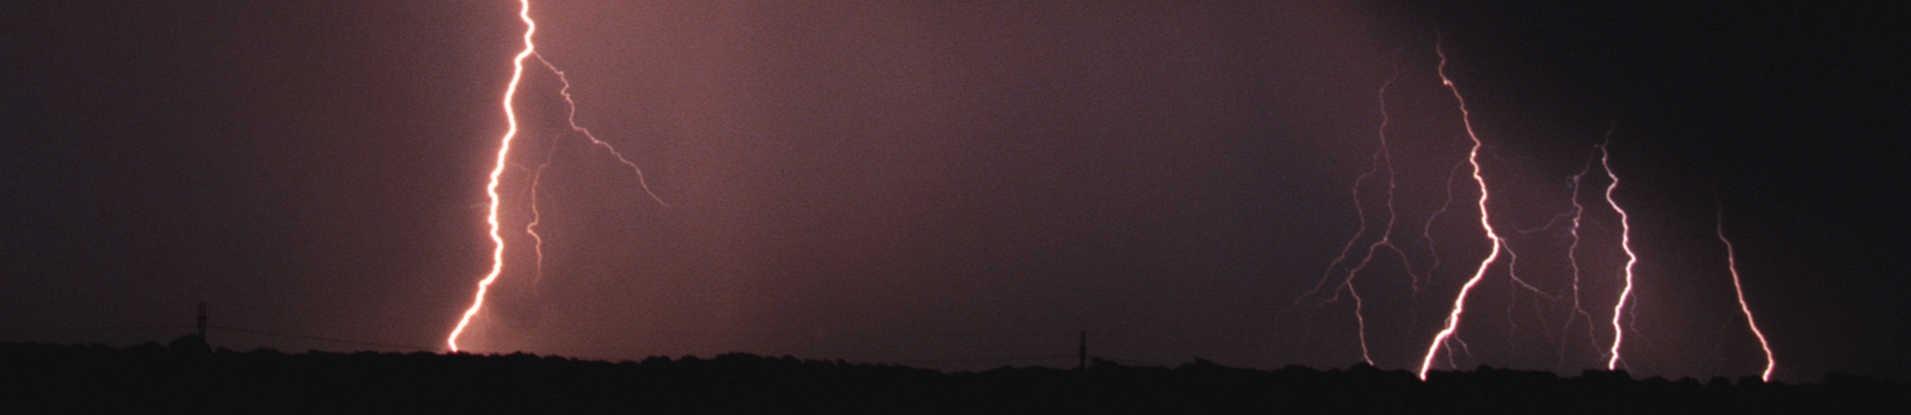 Lightning bolts in dark sky